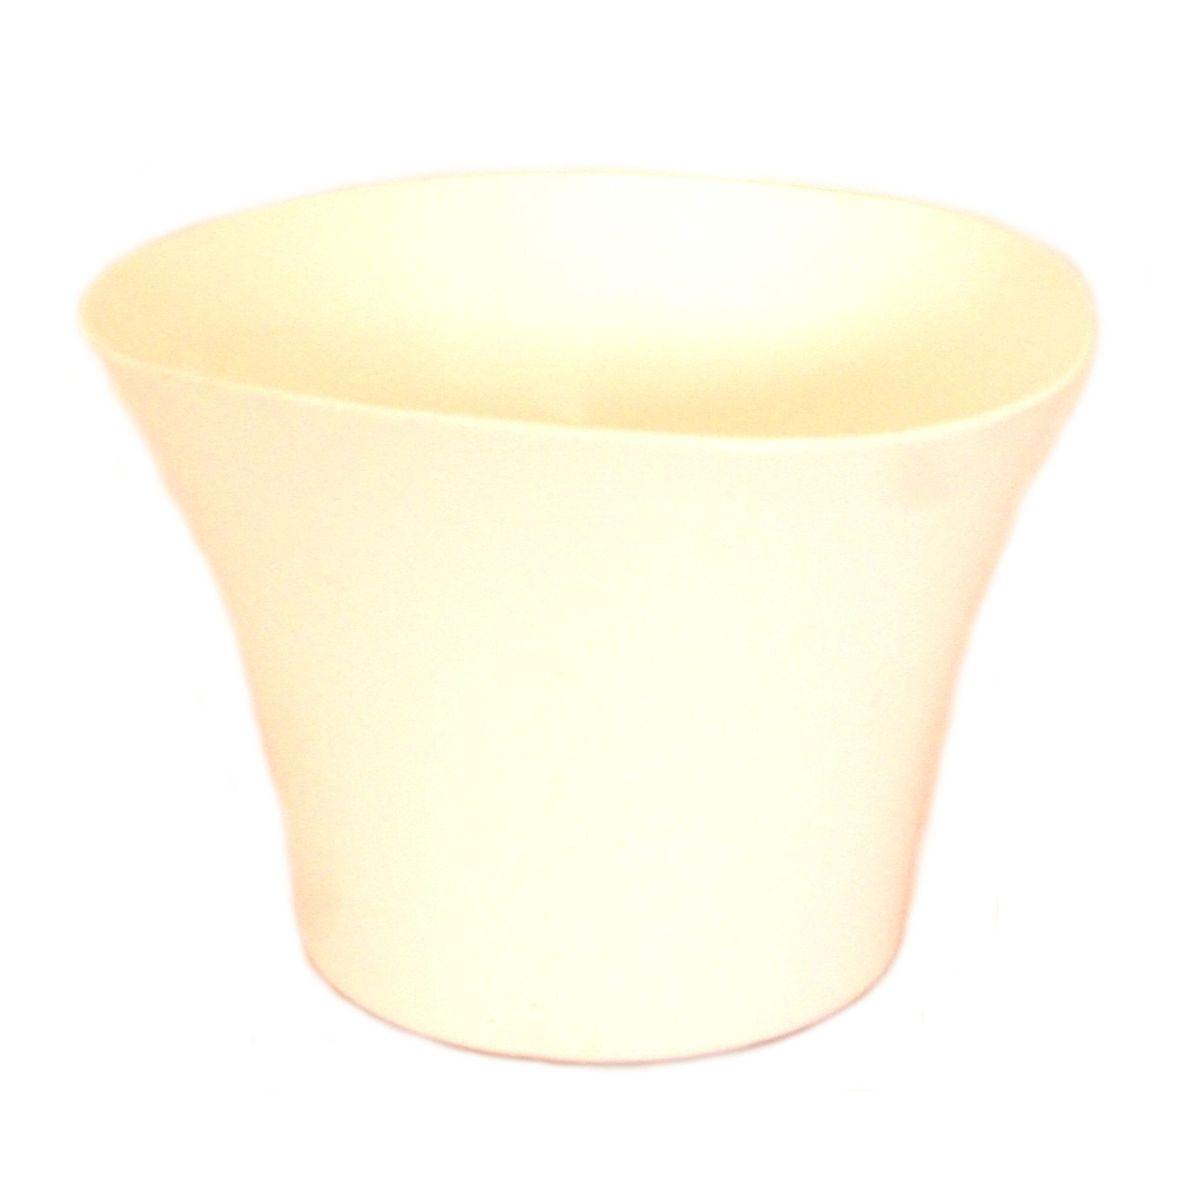 Кашпо JetPlast Волна, цвет: белый, 600 мл4612754051410Кашпо Волна имеет уникальную форму, сочетающуюся как с классическим, так и с современным дизайном интерьера. Оно изготовлено из прочного полипропилена (пластика) и предназначено для выращивания растений, цветов и трав в домашних условиях. Такое кашпо порадует вас функциональностью, а благодаря лаконичному дизайну впишется в любой интерьер помещения. Объем кашпо: 600 мл.